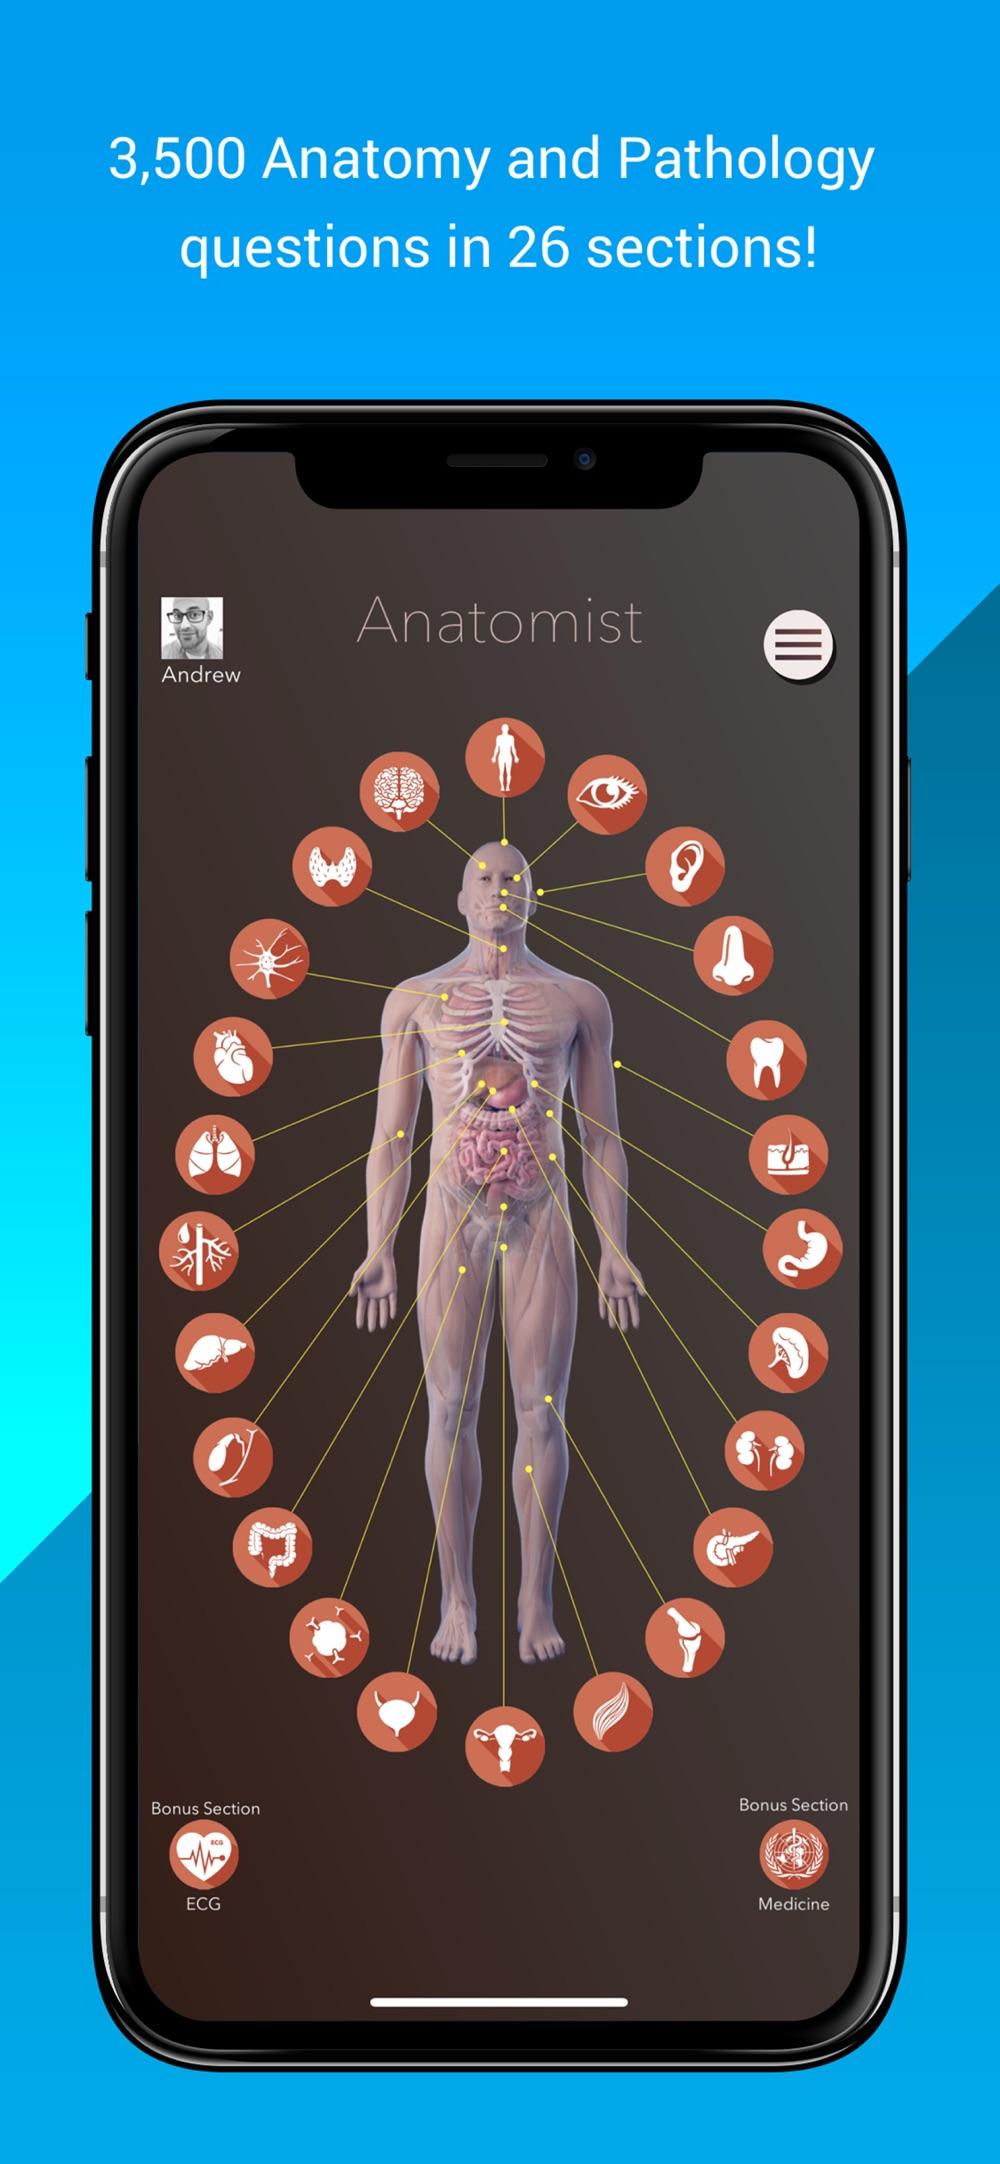 Anatomist – Anatomy Quiz Game Cheat Codes